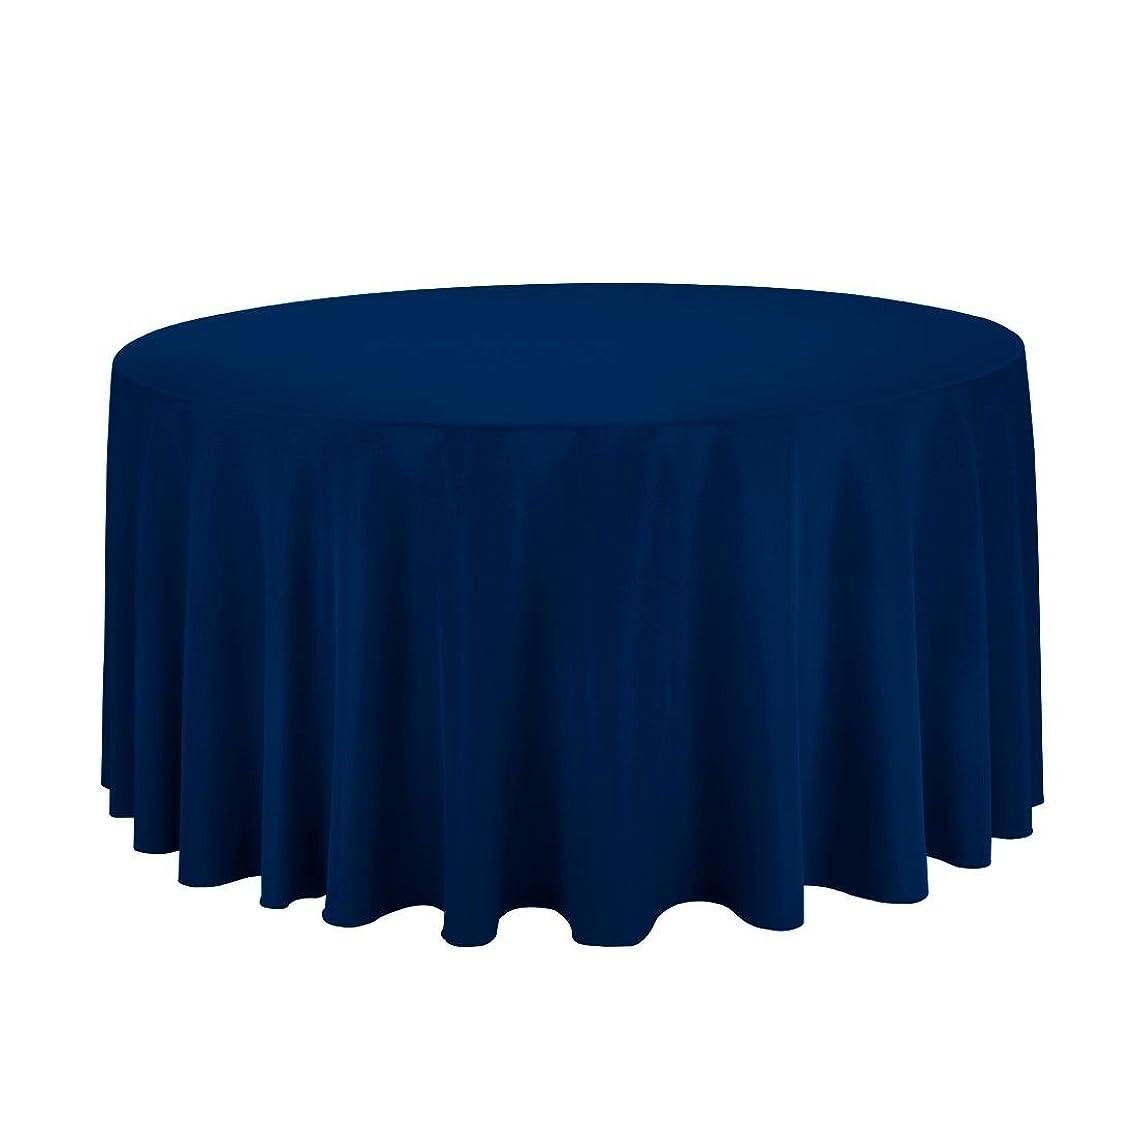 Gee Di Moda Tablecloth - 120